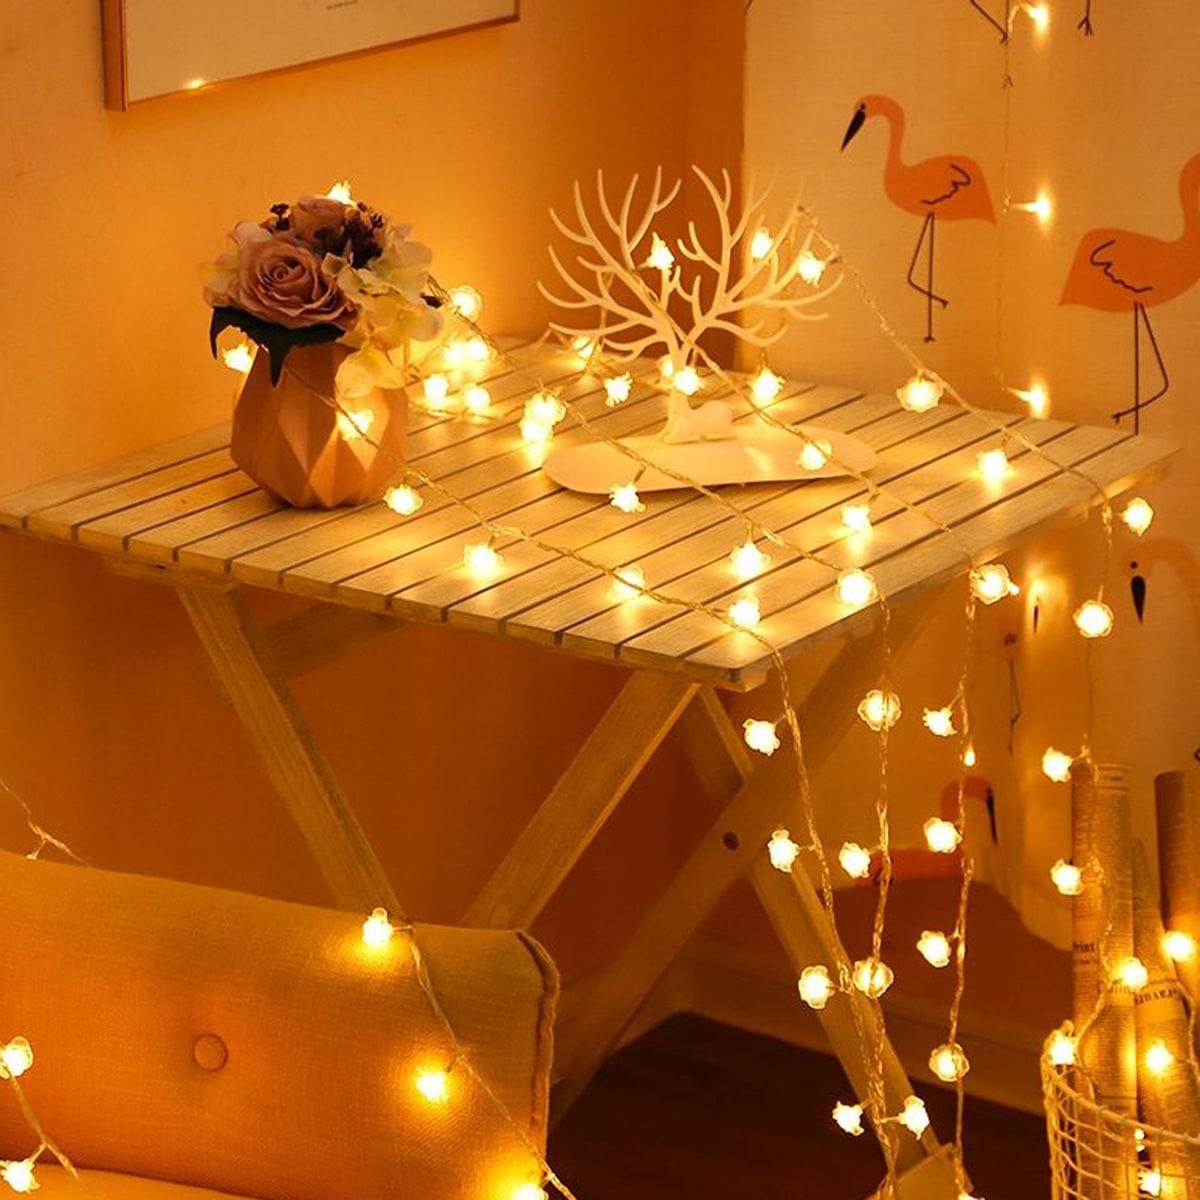 SHEIN / 1 Stück 1.5m Lichterkette mit 10 Stücke Rose förmigen Birne